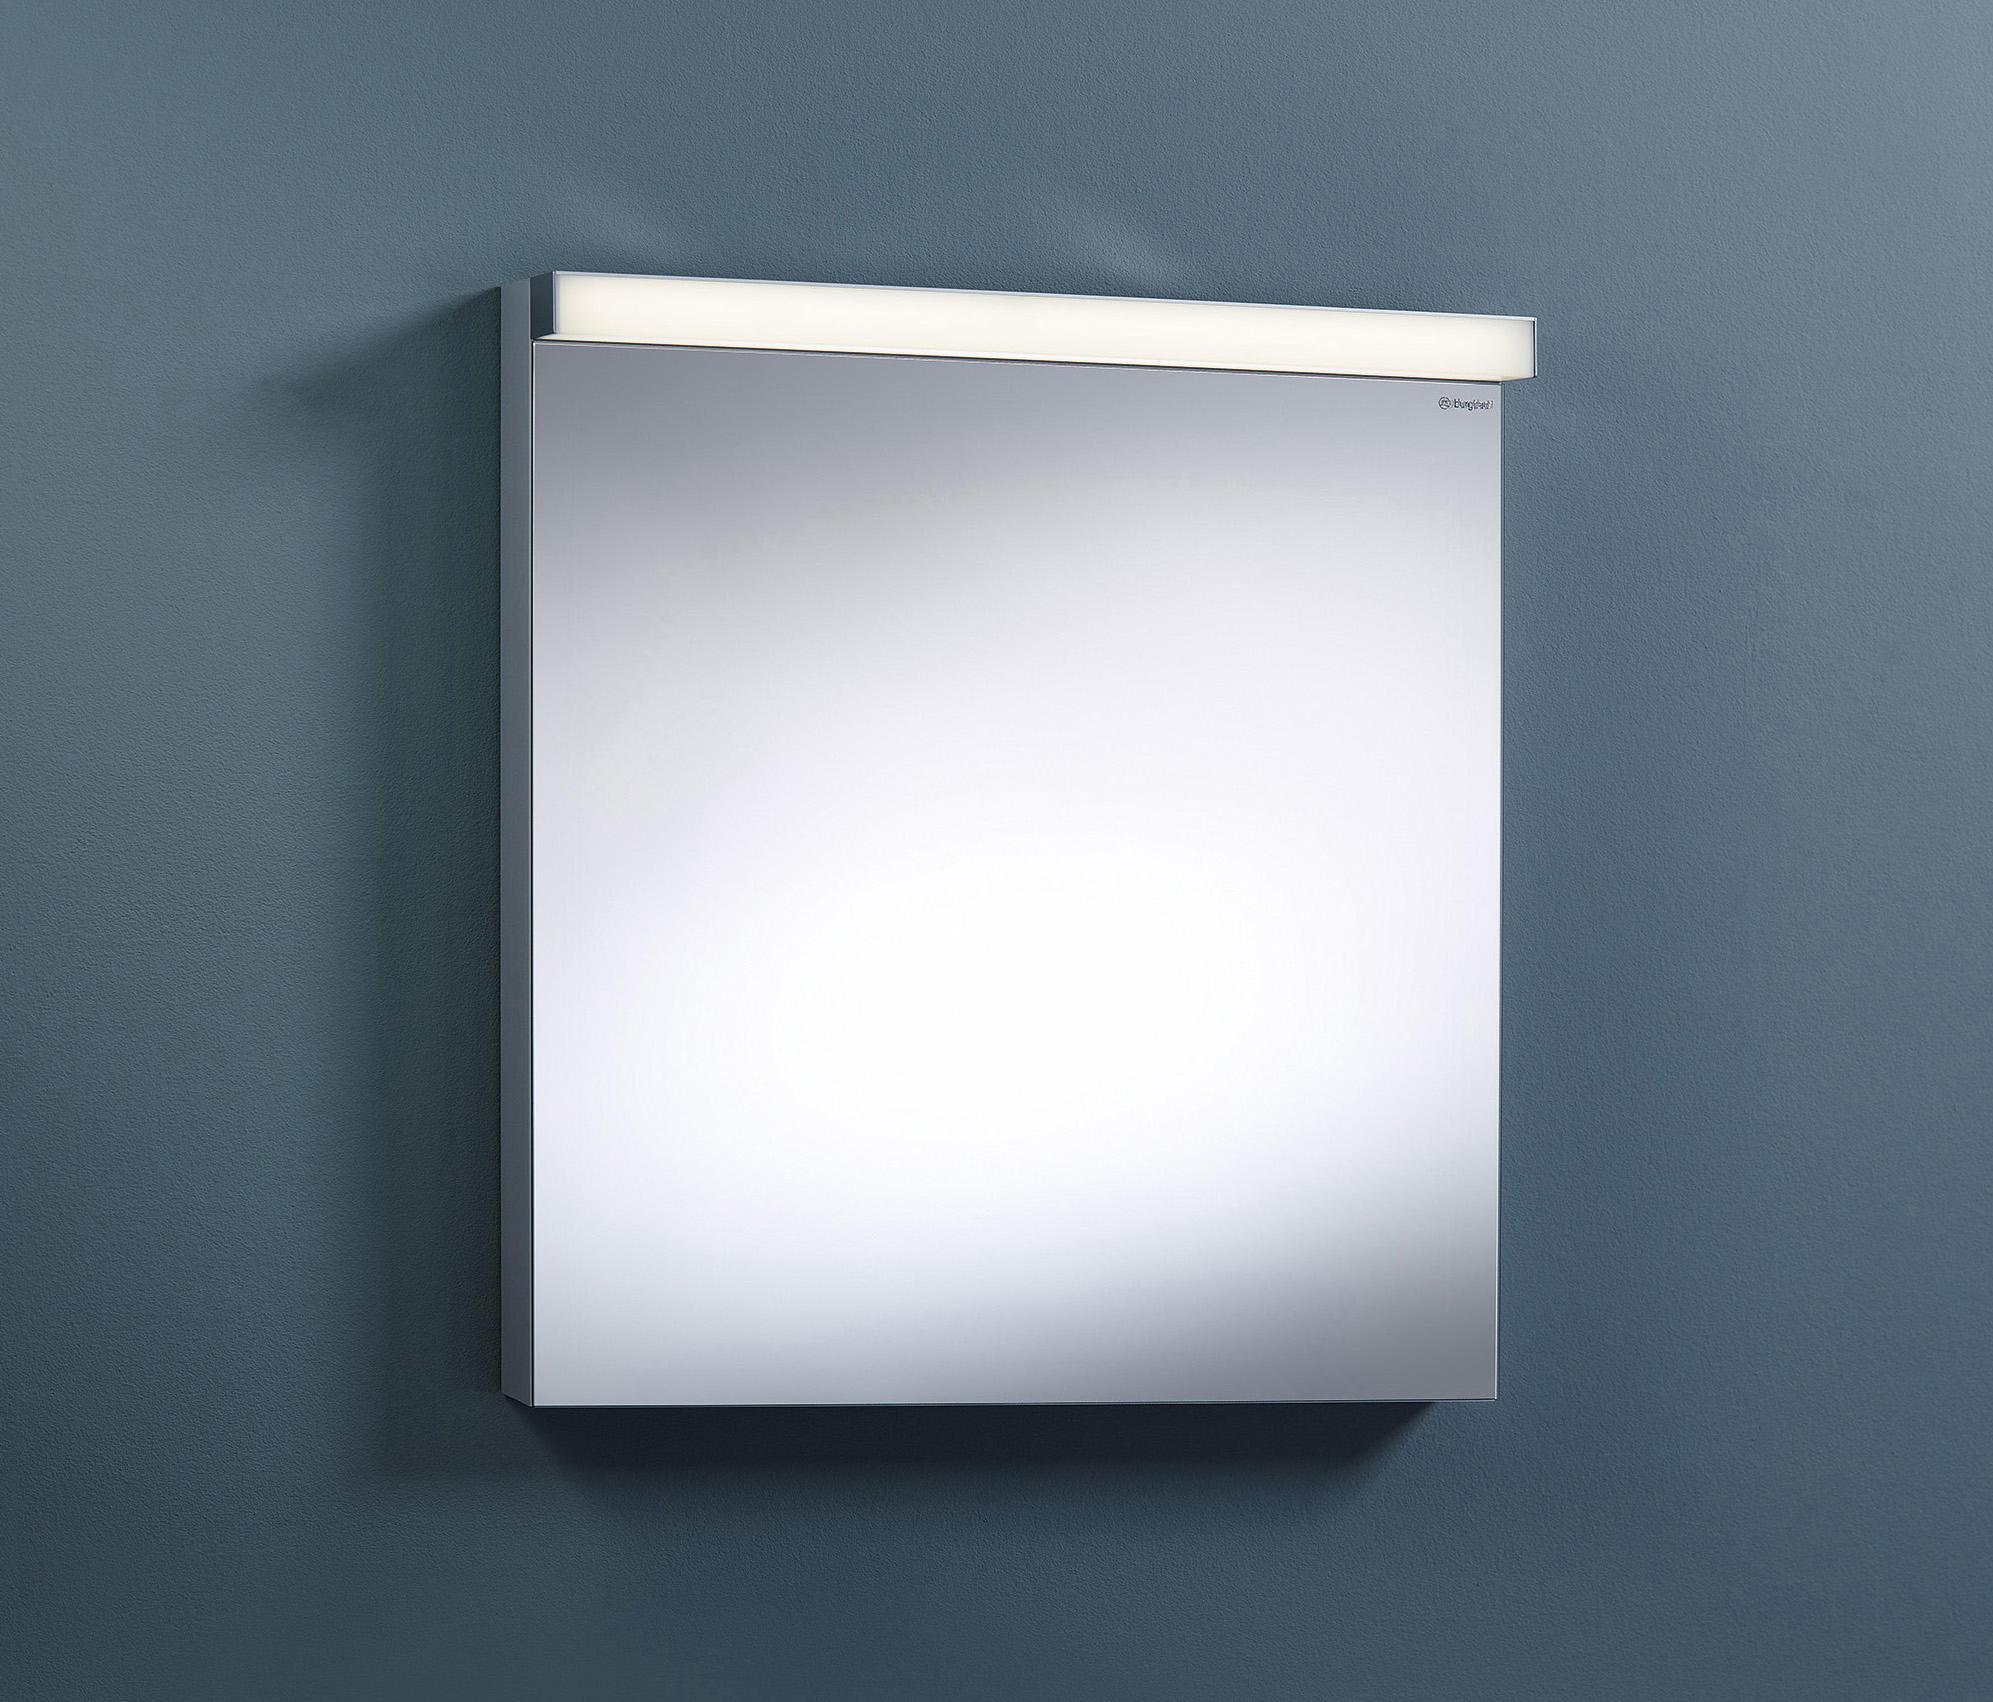 sys30 leuchtspiegel mit horizontaler led beleuchtung. Black Bedroom Furniture Sets. Home Design Ideas